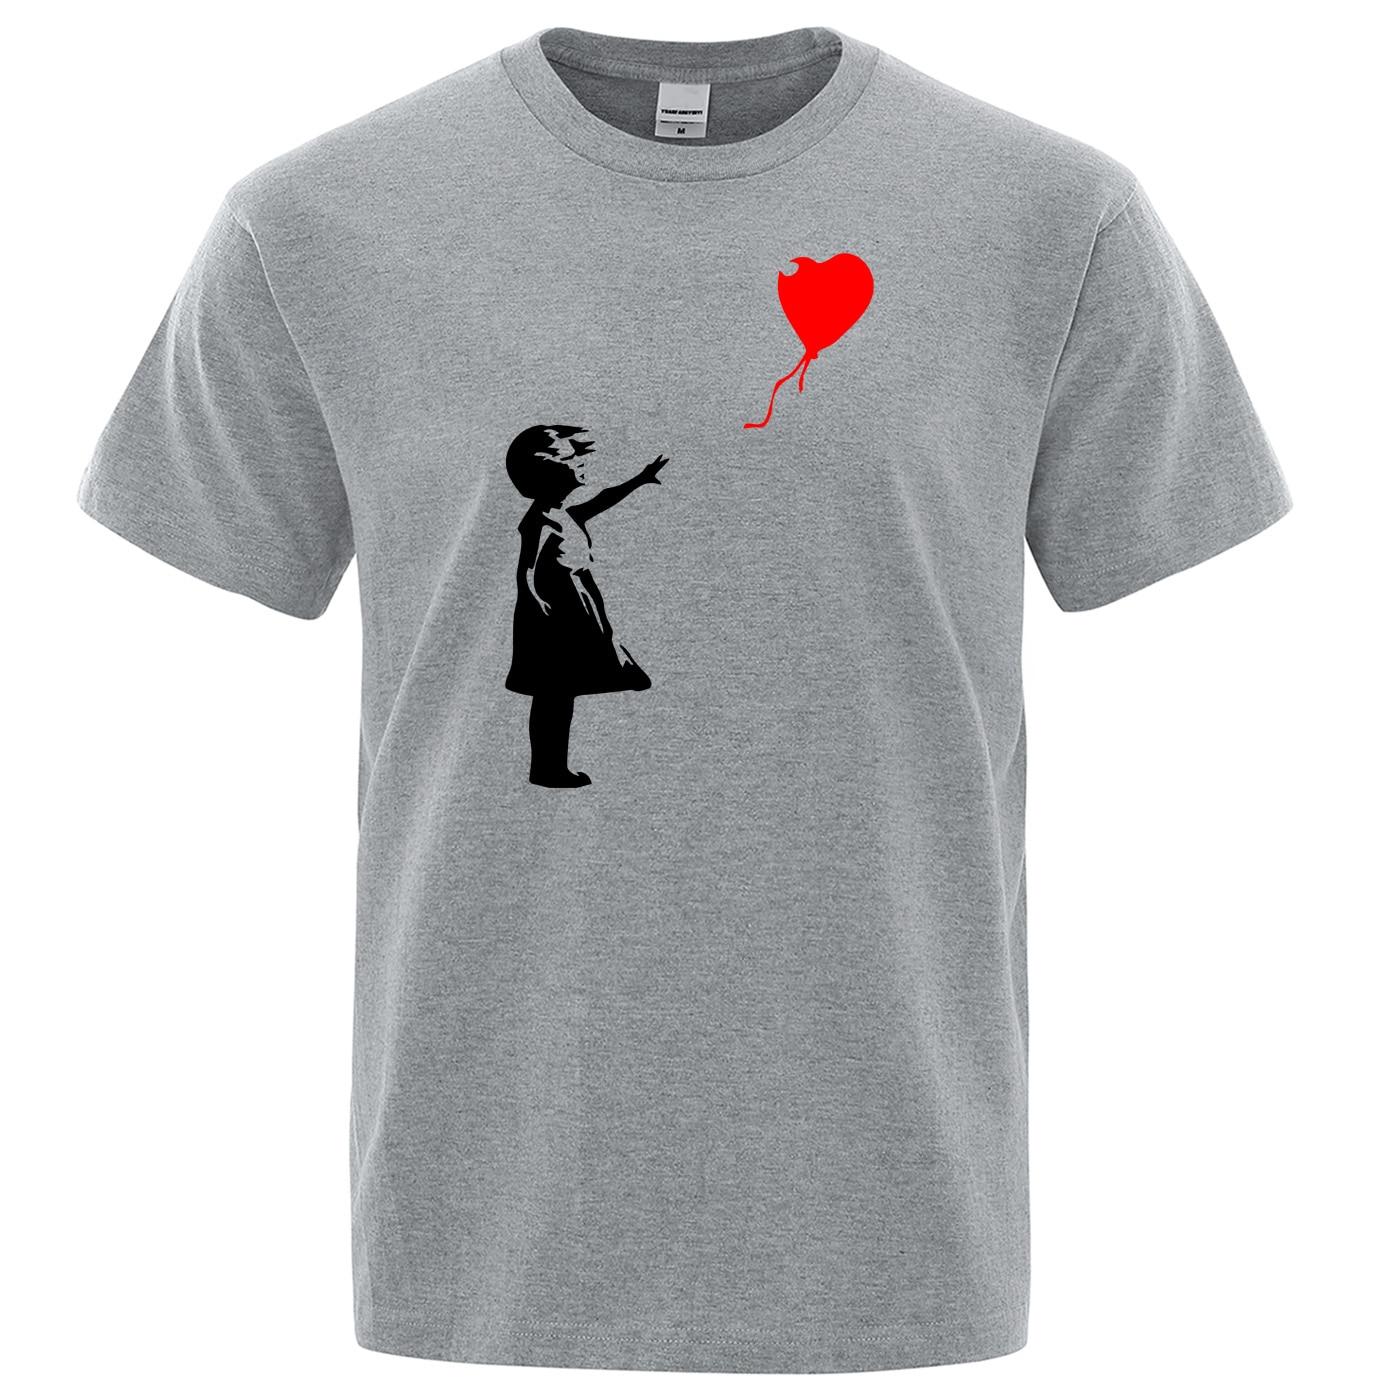 2019 été nouveau ballon impression hommes T-Shirt drôle T-shirts occasionnels de haute qualité offre spéciale à manches courtes T-Shirt coton haut